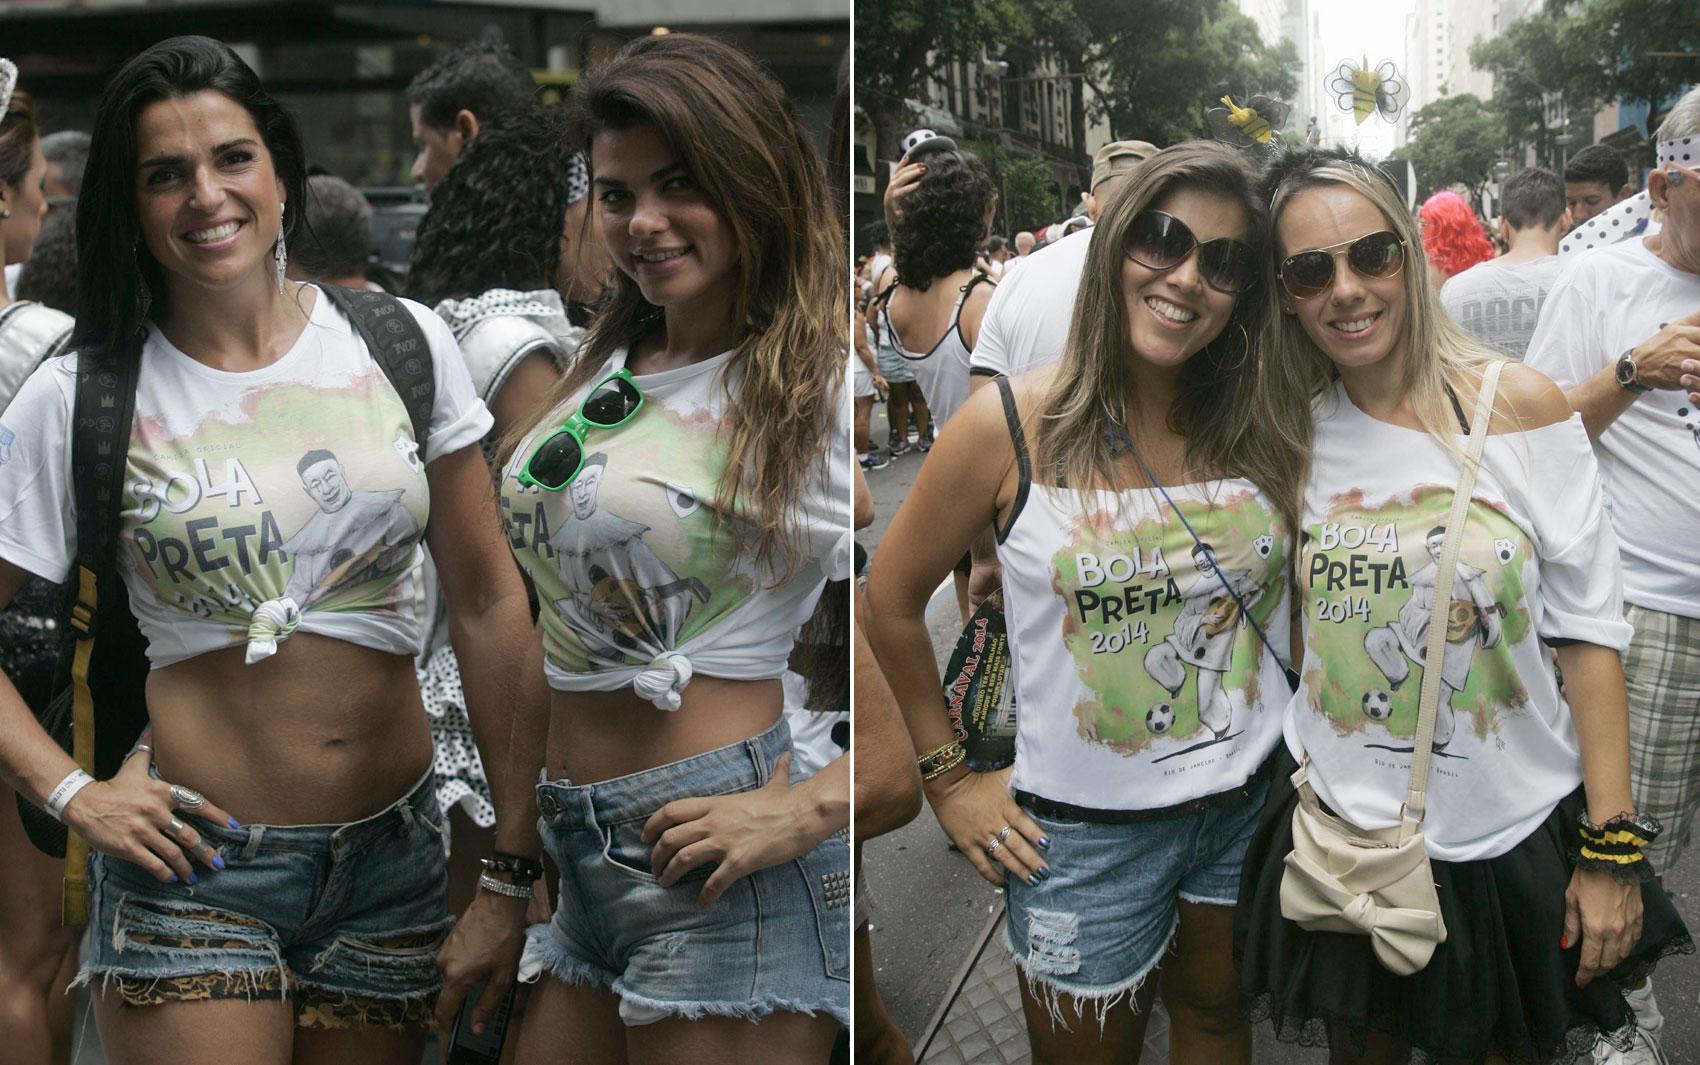 Foliãs mostram o corpo sarado durante a passagem do bloco Cordão da Bola Preta, neste sábado (1), no Rio